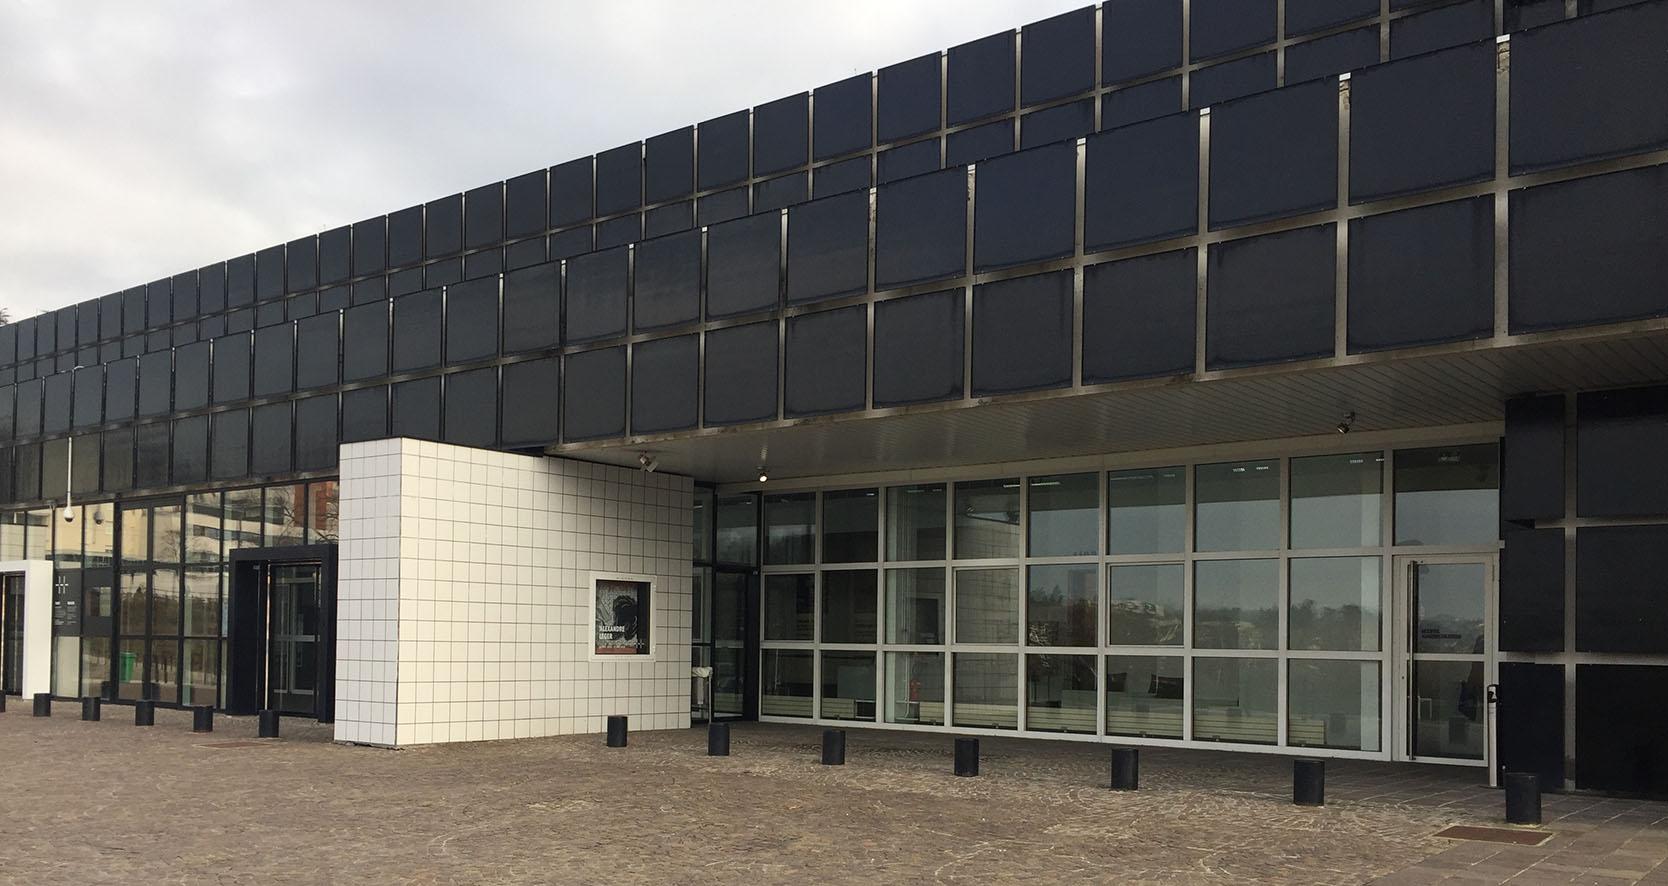 Musée d'Art Moderne et Contemporain de Saint Etienne